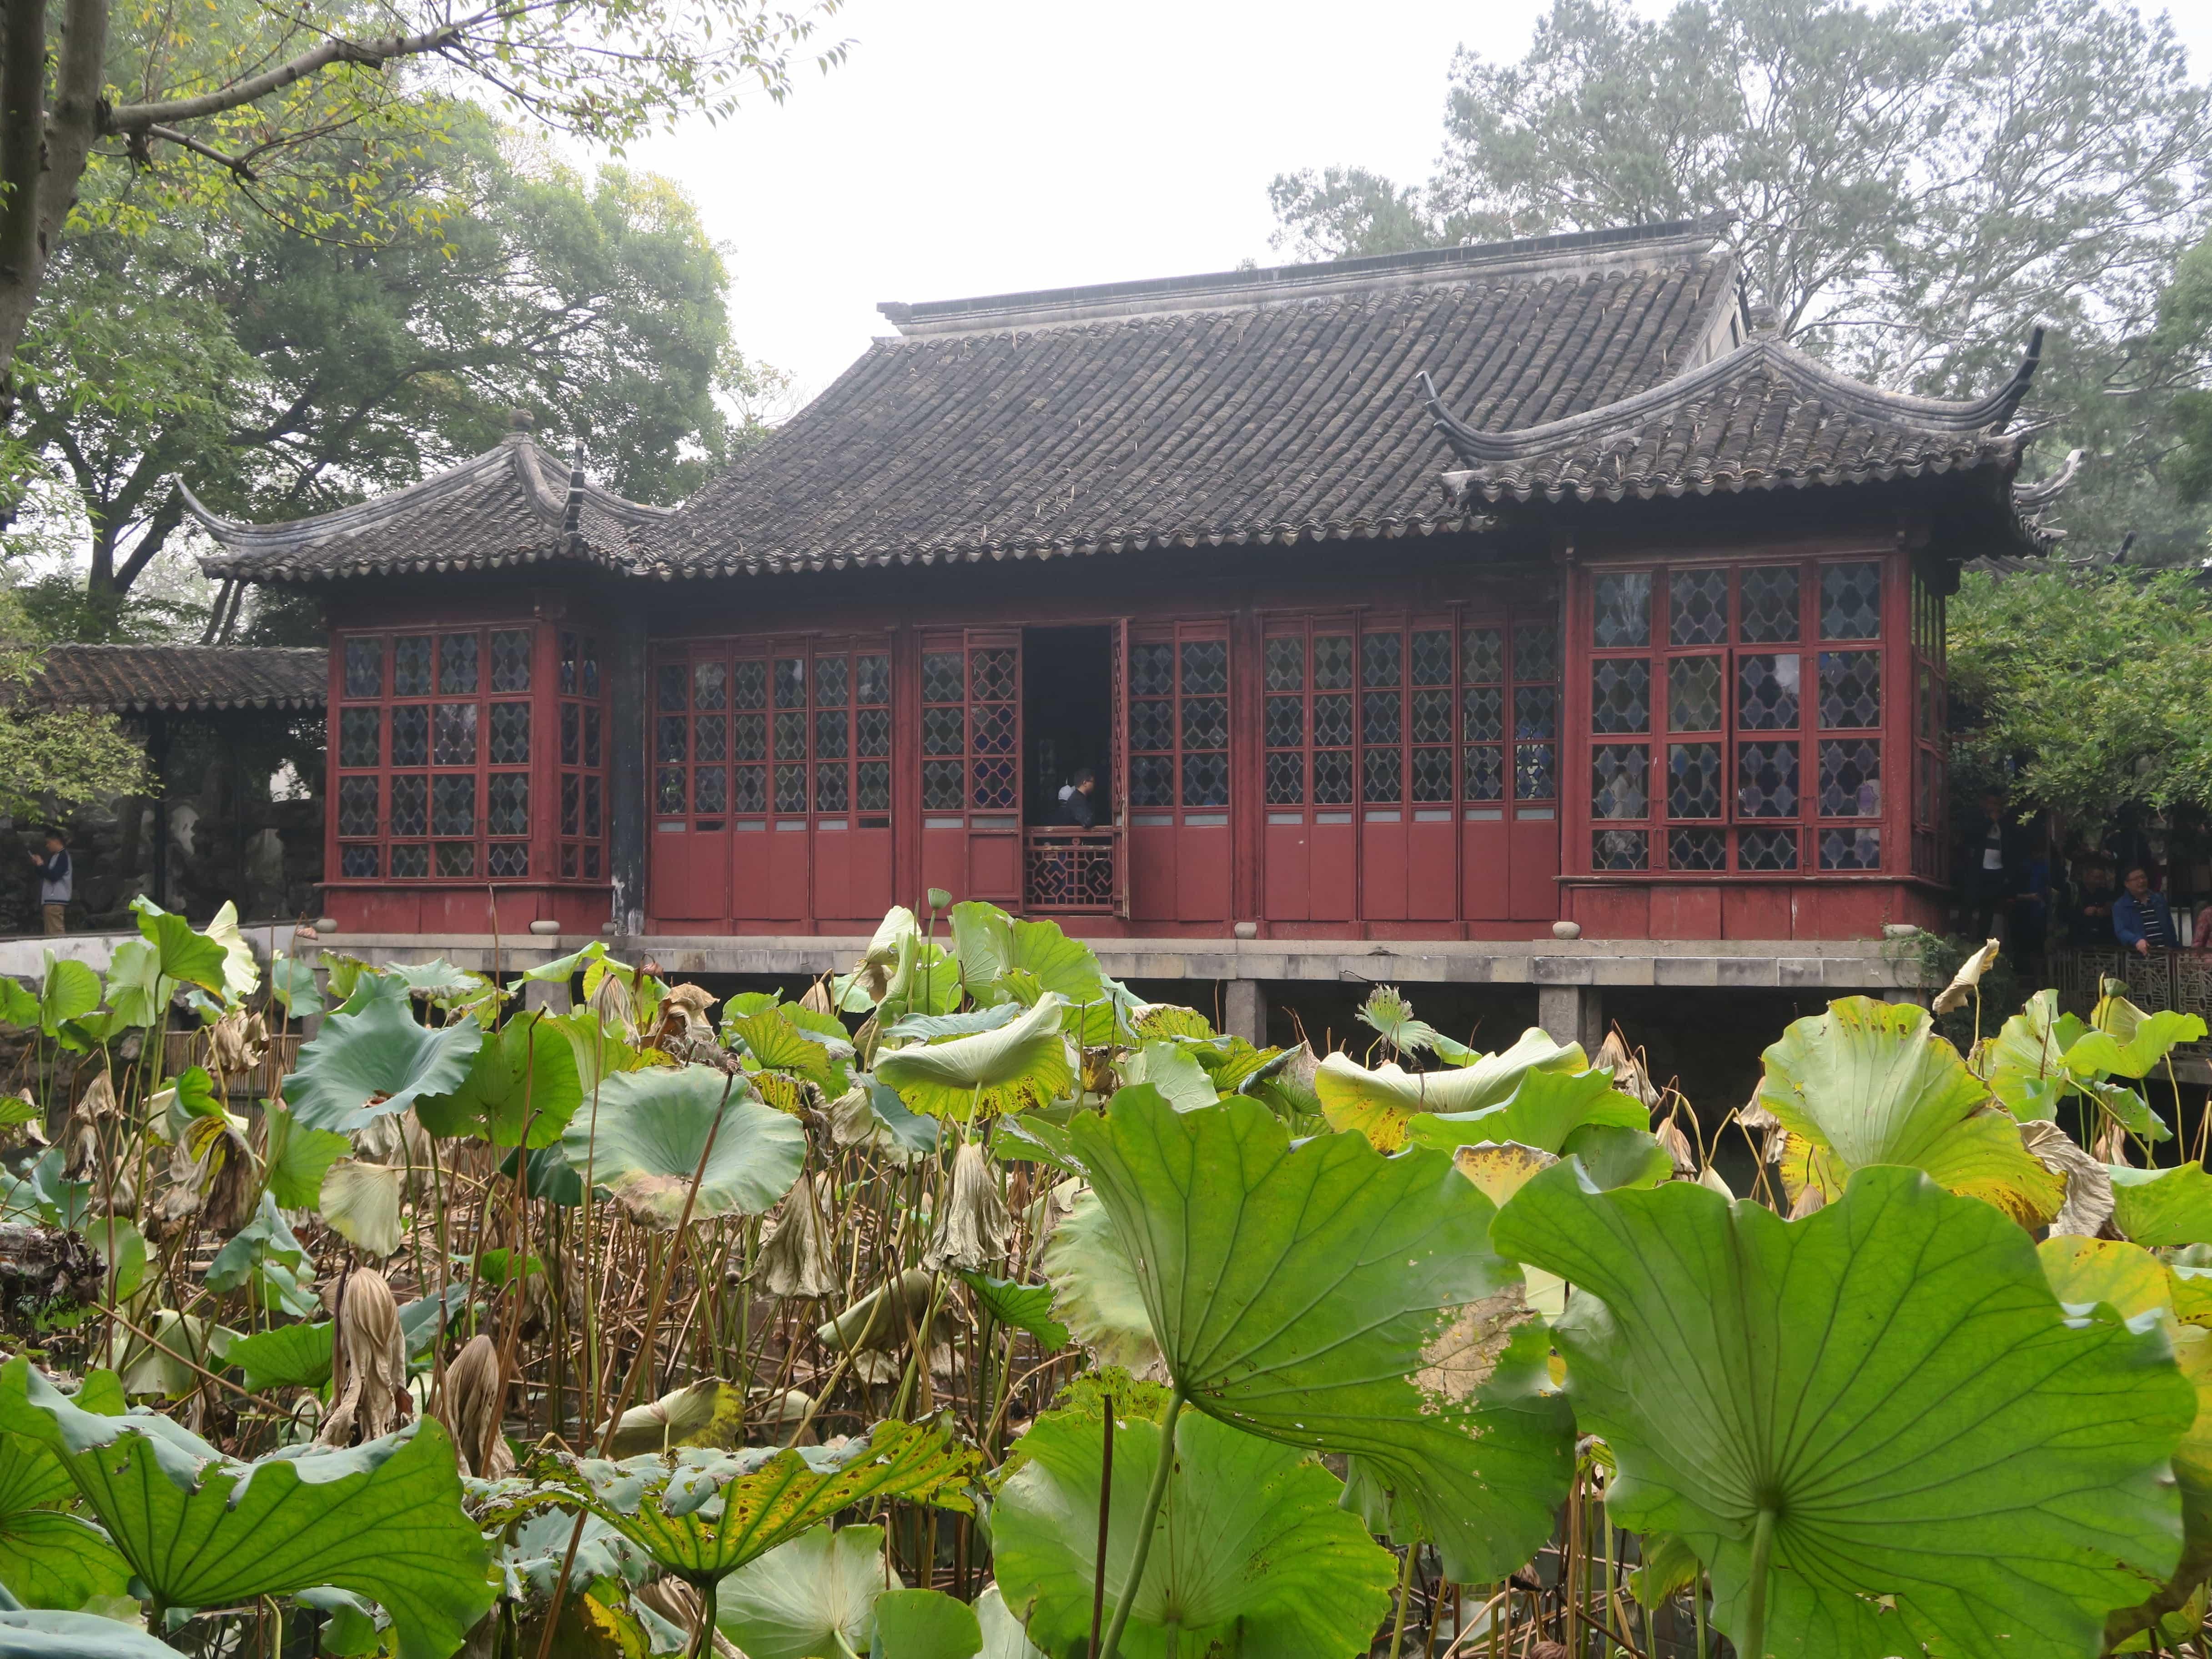 traditioneller, roter Pavillon vor Ginkoblättern